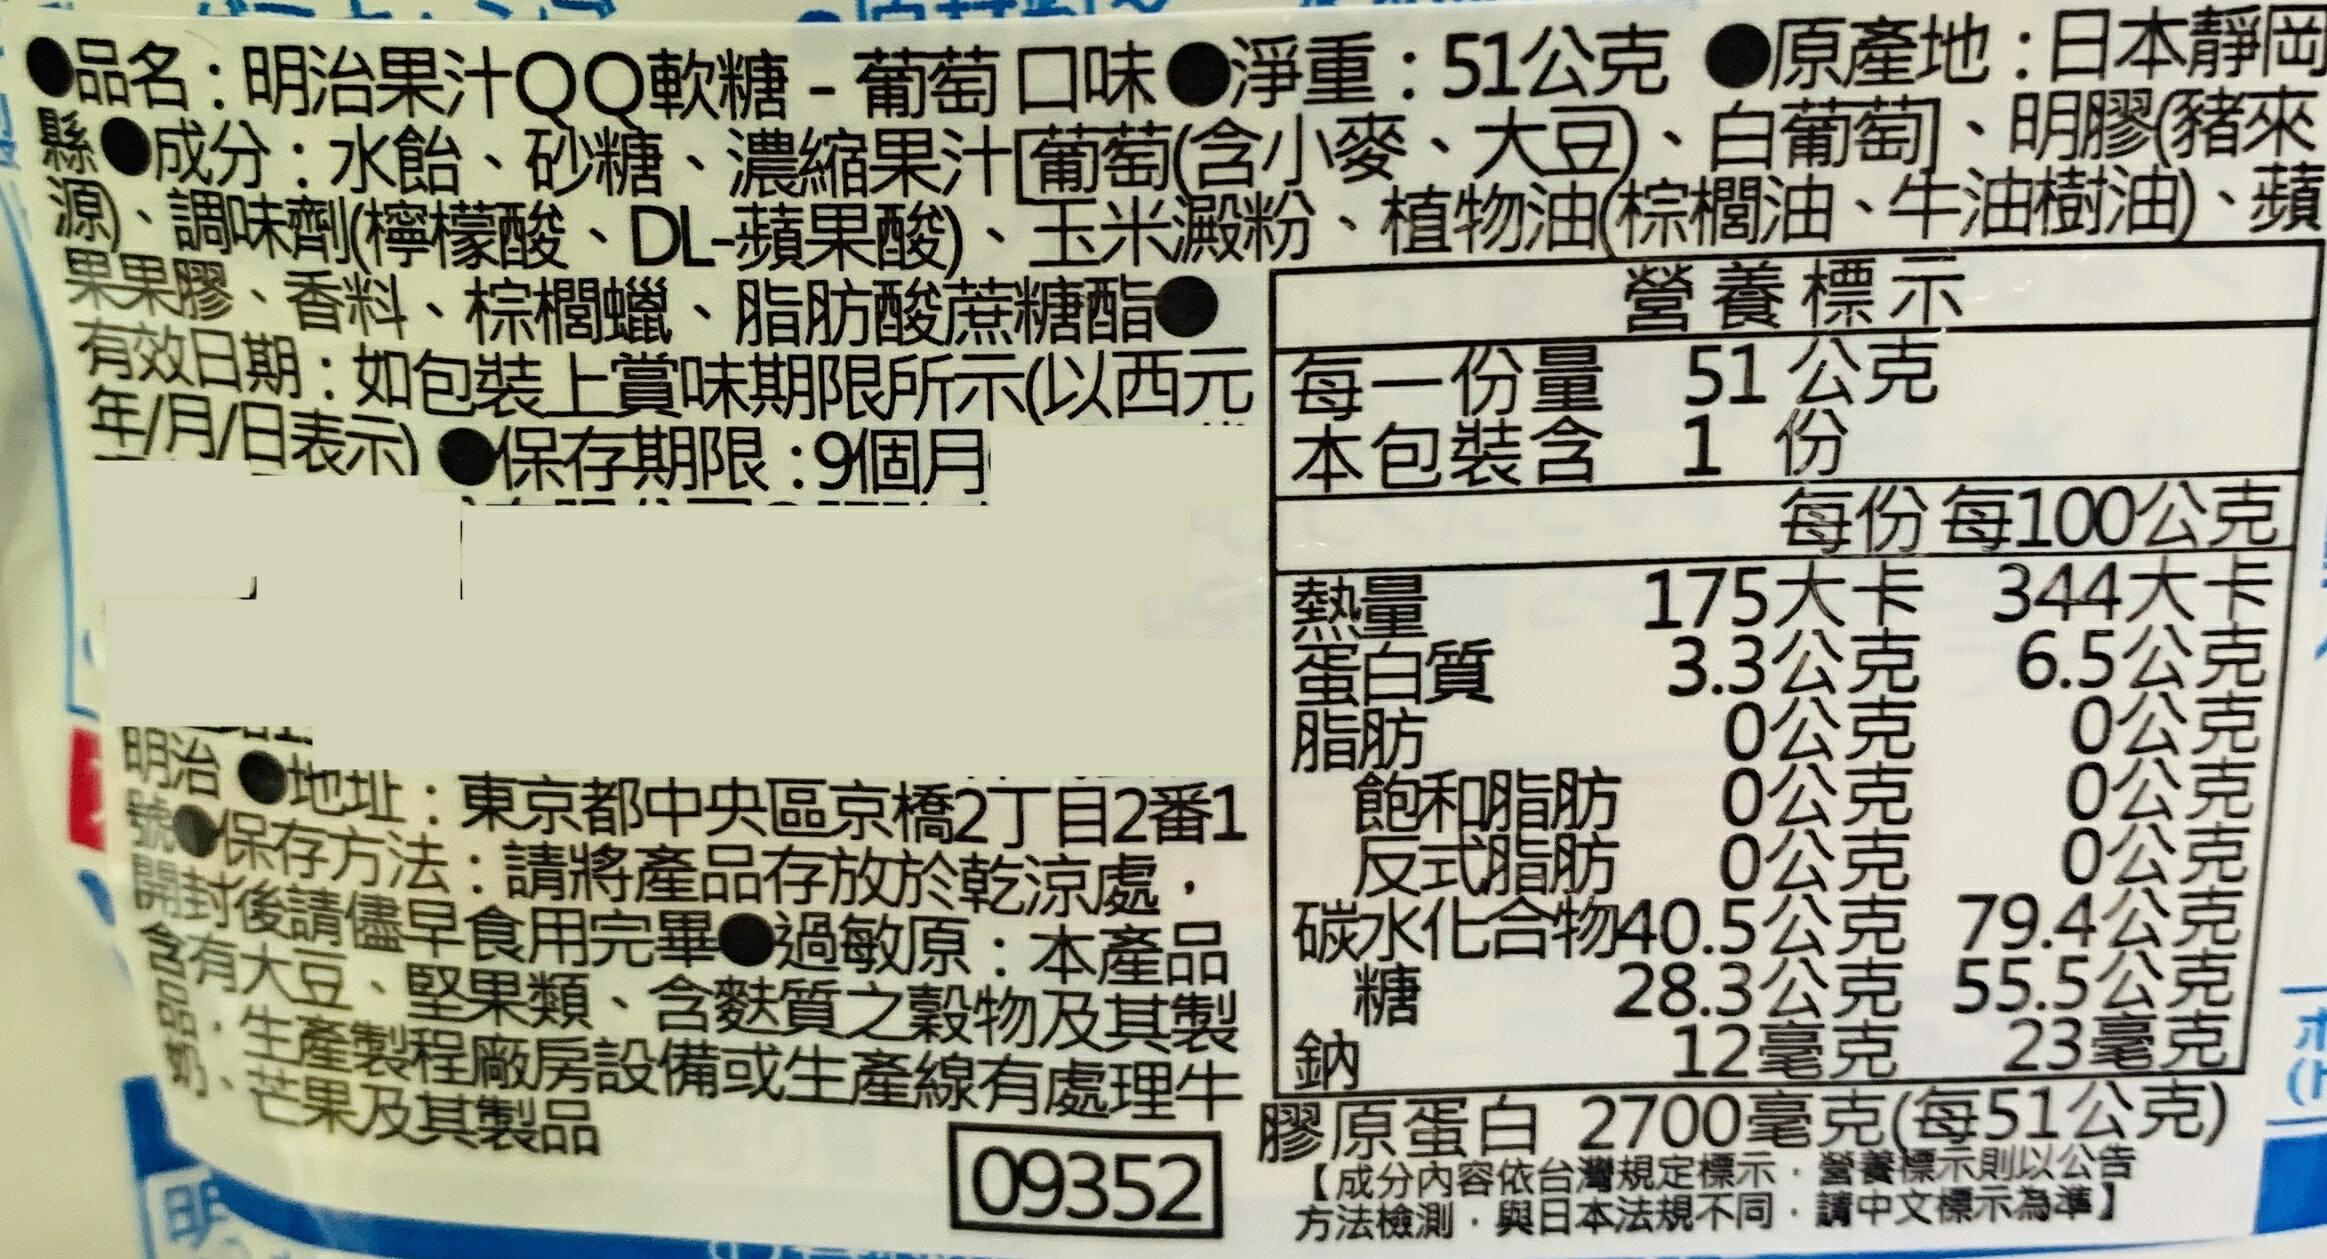 [SNACKS MAP零食地圖]日本 明治  MEIJI  葡萄果汁軟糖  草莓軟糖  QQ   果汁添加  日本軟糖 果汁軟糖   全館399 超取免運